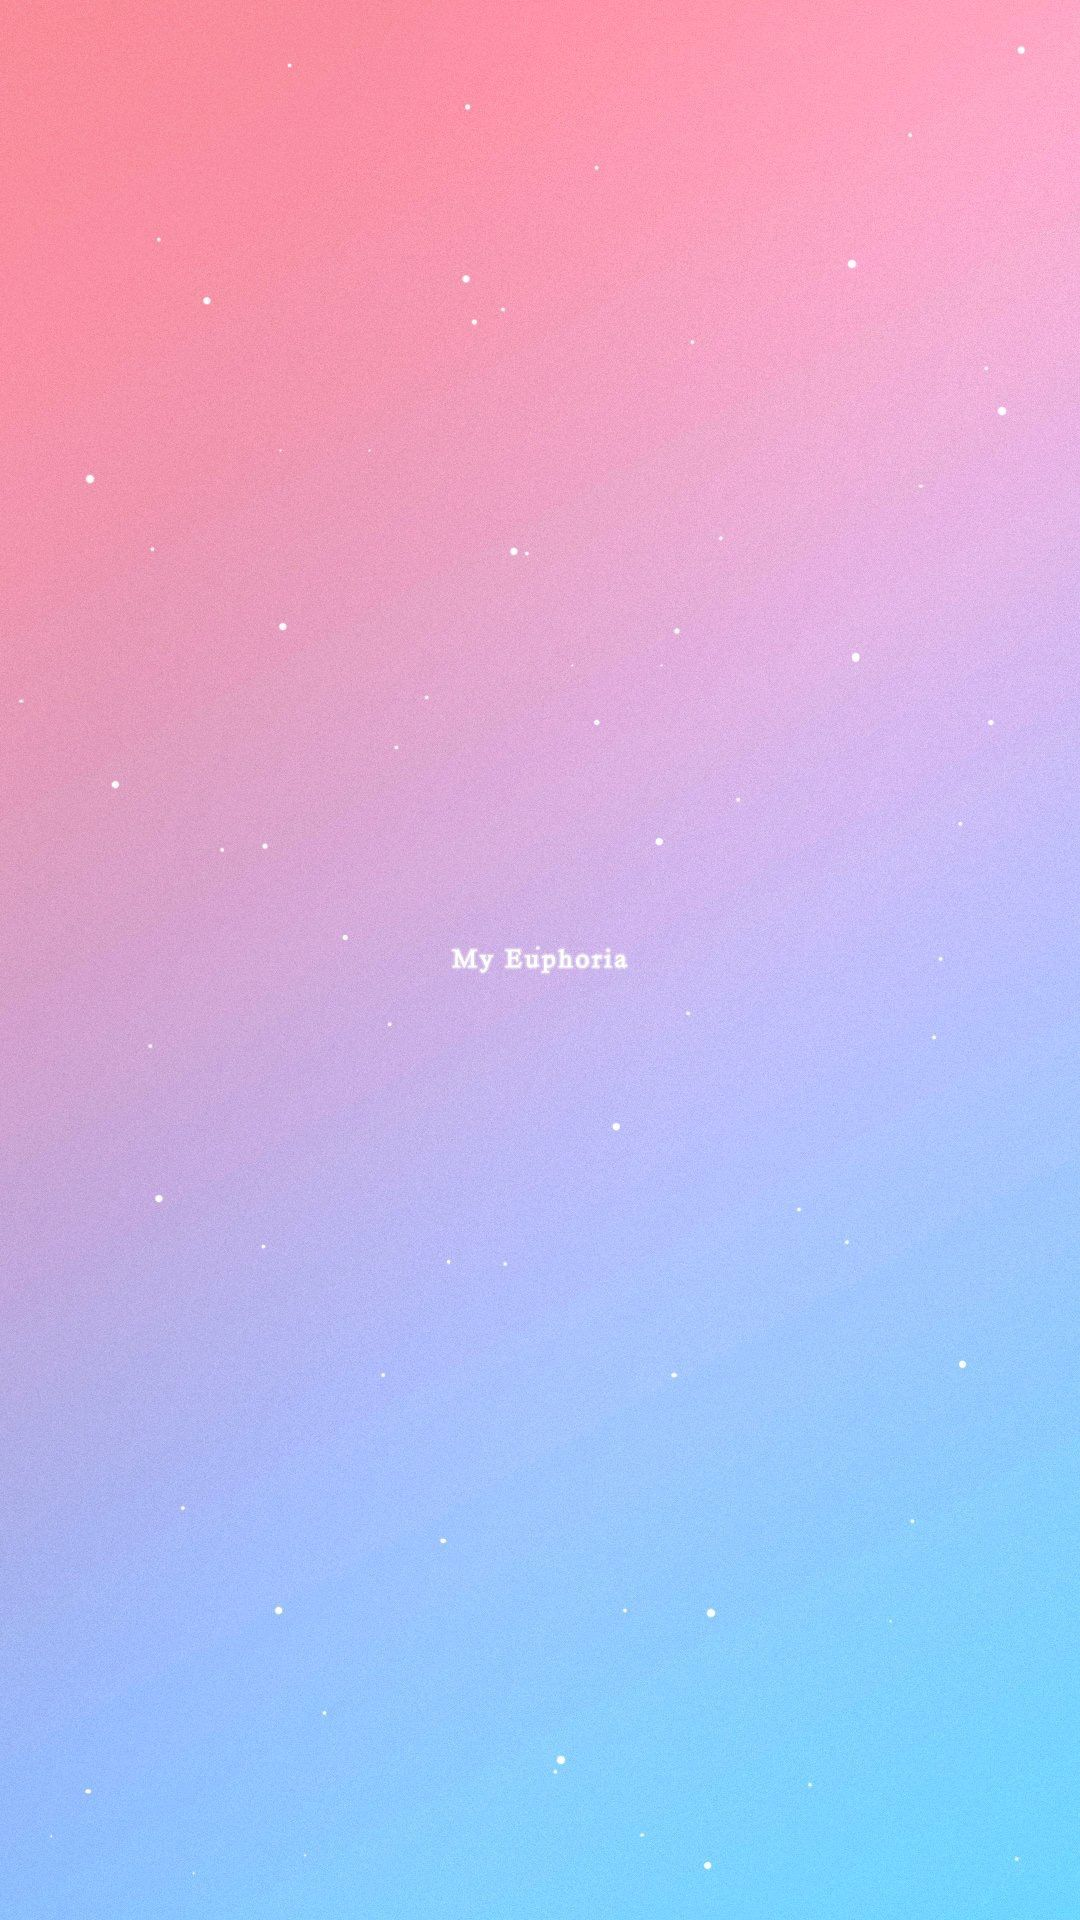 Euphoria By Jungkook Screen Wallpaper, Tumblr Wallpaper